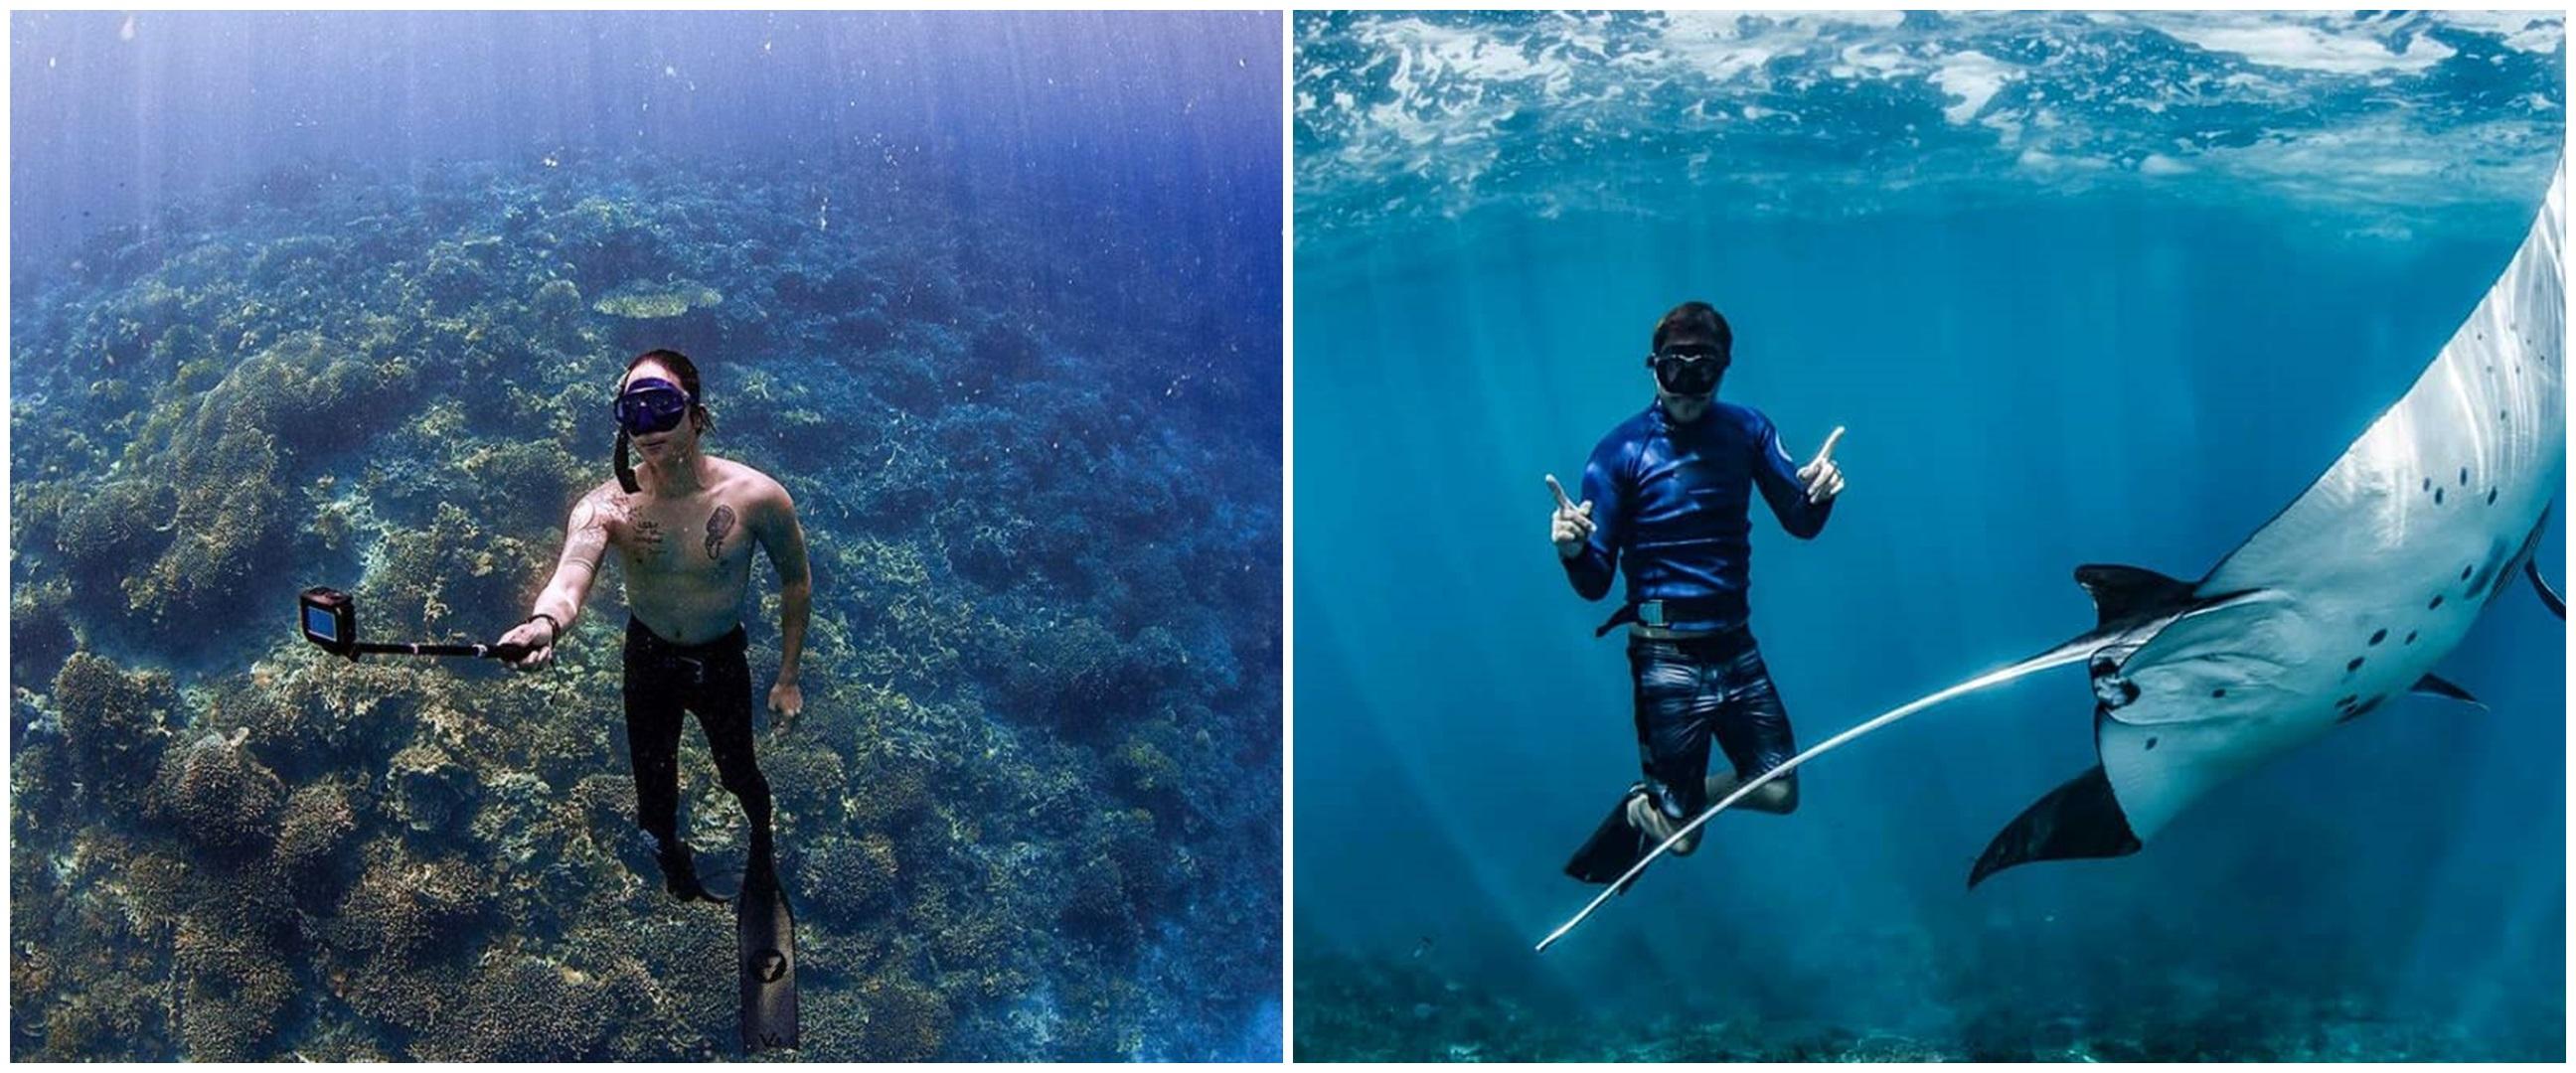 Cerita 7 seleb hobi diving, Hamish Daud menggeluti sejak kecil